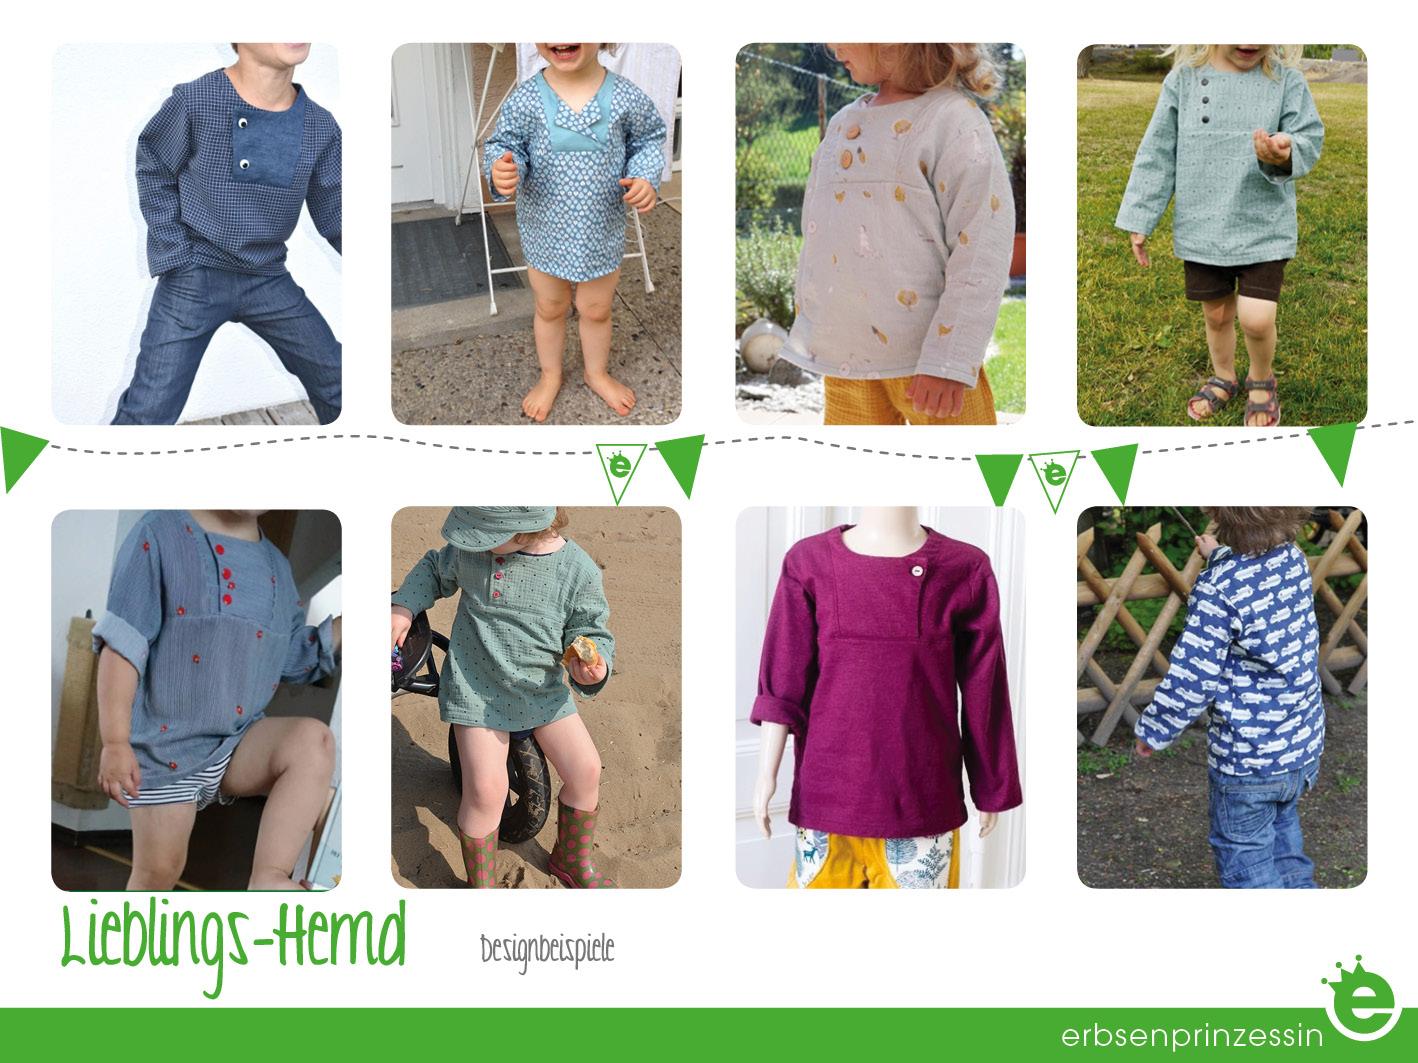 Kinderhemd nähen: Designbeispiele aus Baumwolle oder Musselin